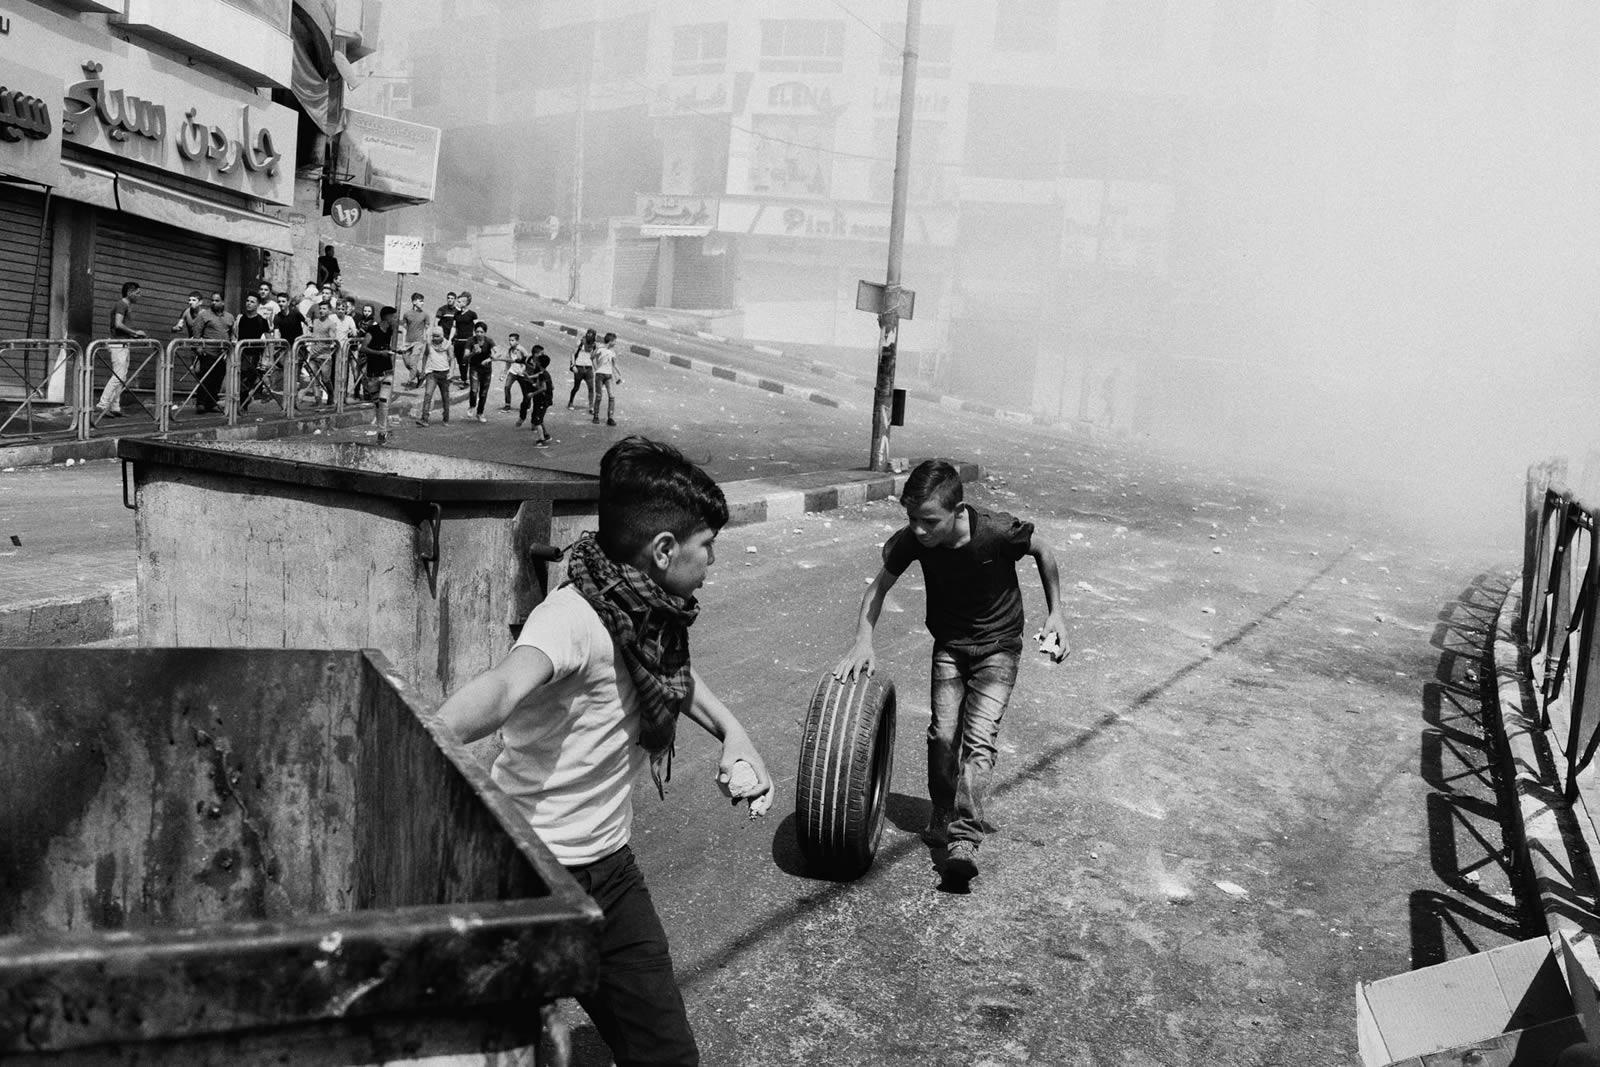 巴勒斯坦青少年居住於持續出現創傷事件的地方,令他們感到憤怒、擔憂,並對未來失去希望。© Moises Saman/Magnum Photos